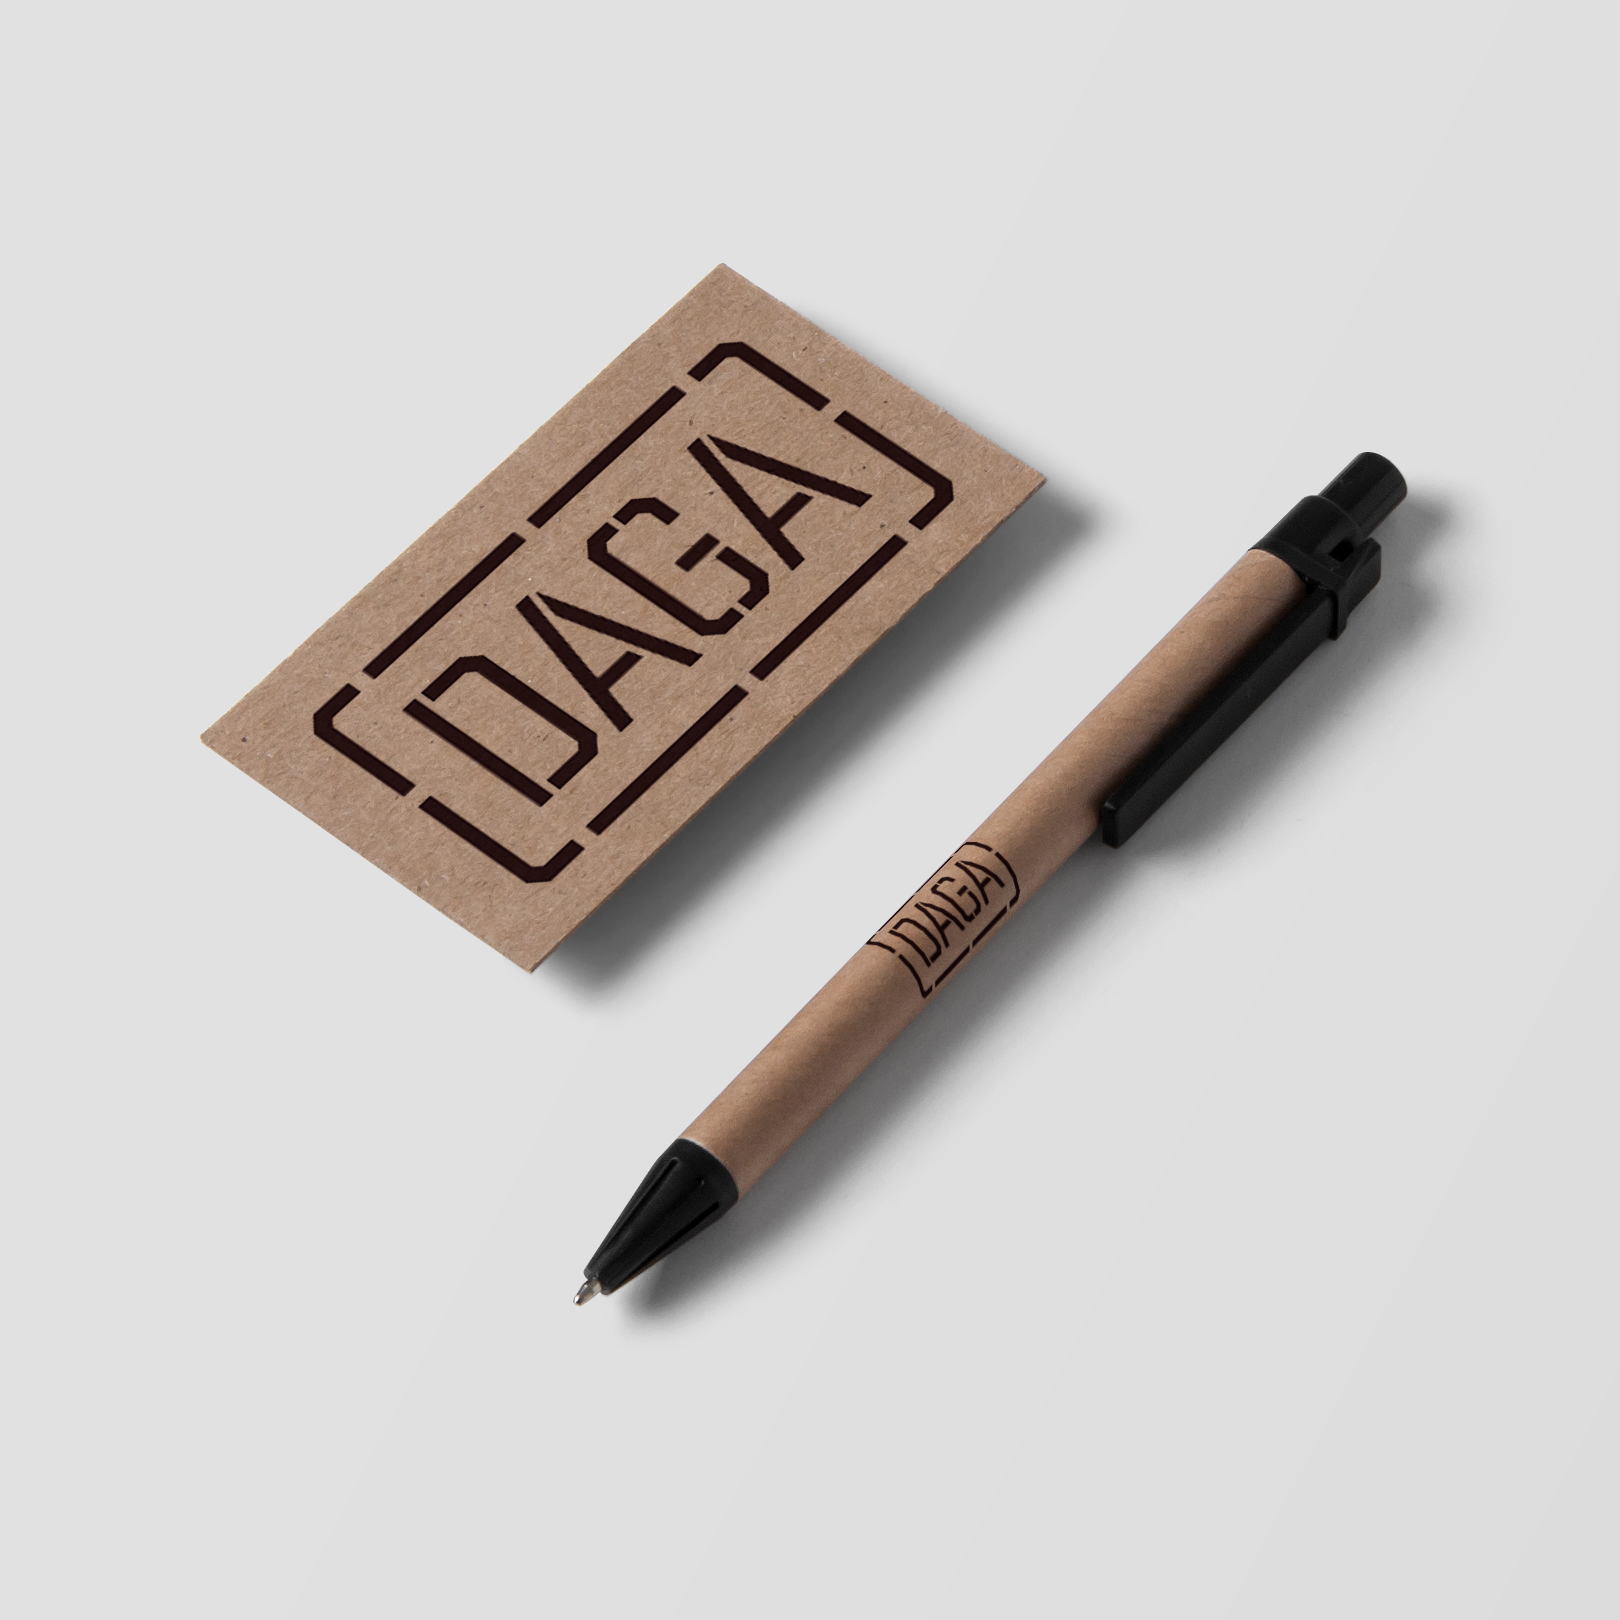 daga-bcard.jpg